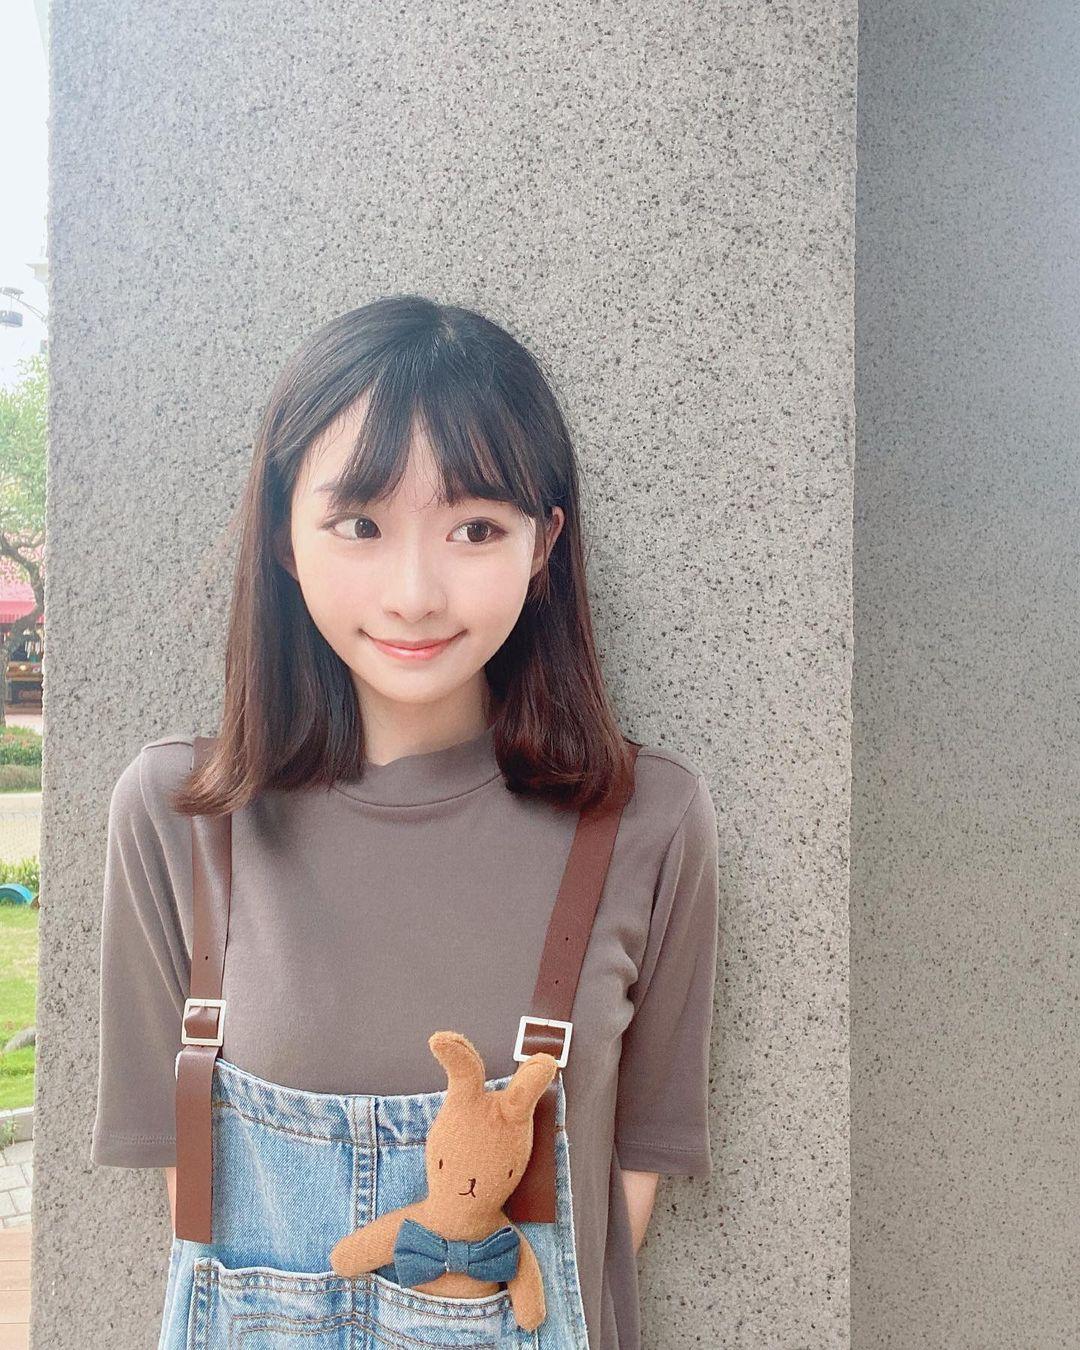 音乐女神@林涵钰Ruri拥有一双会笑的眼睛,个人照太可爱了 文章 第1张